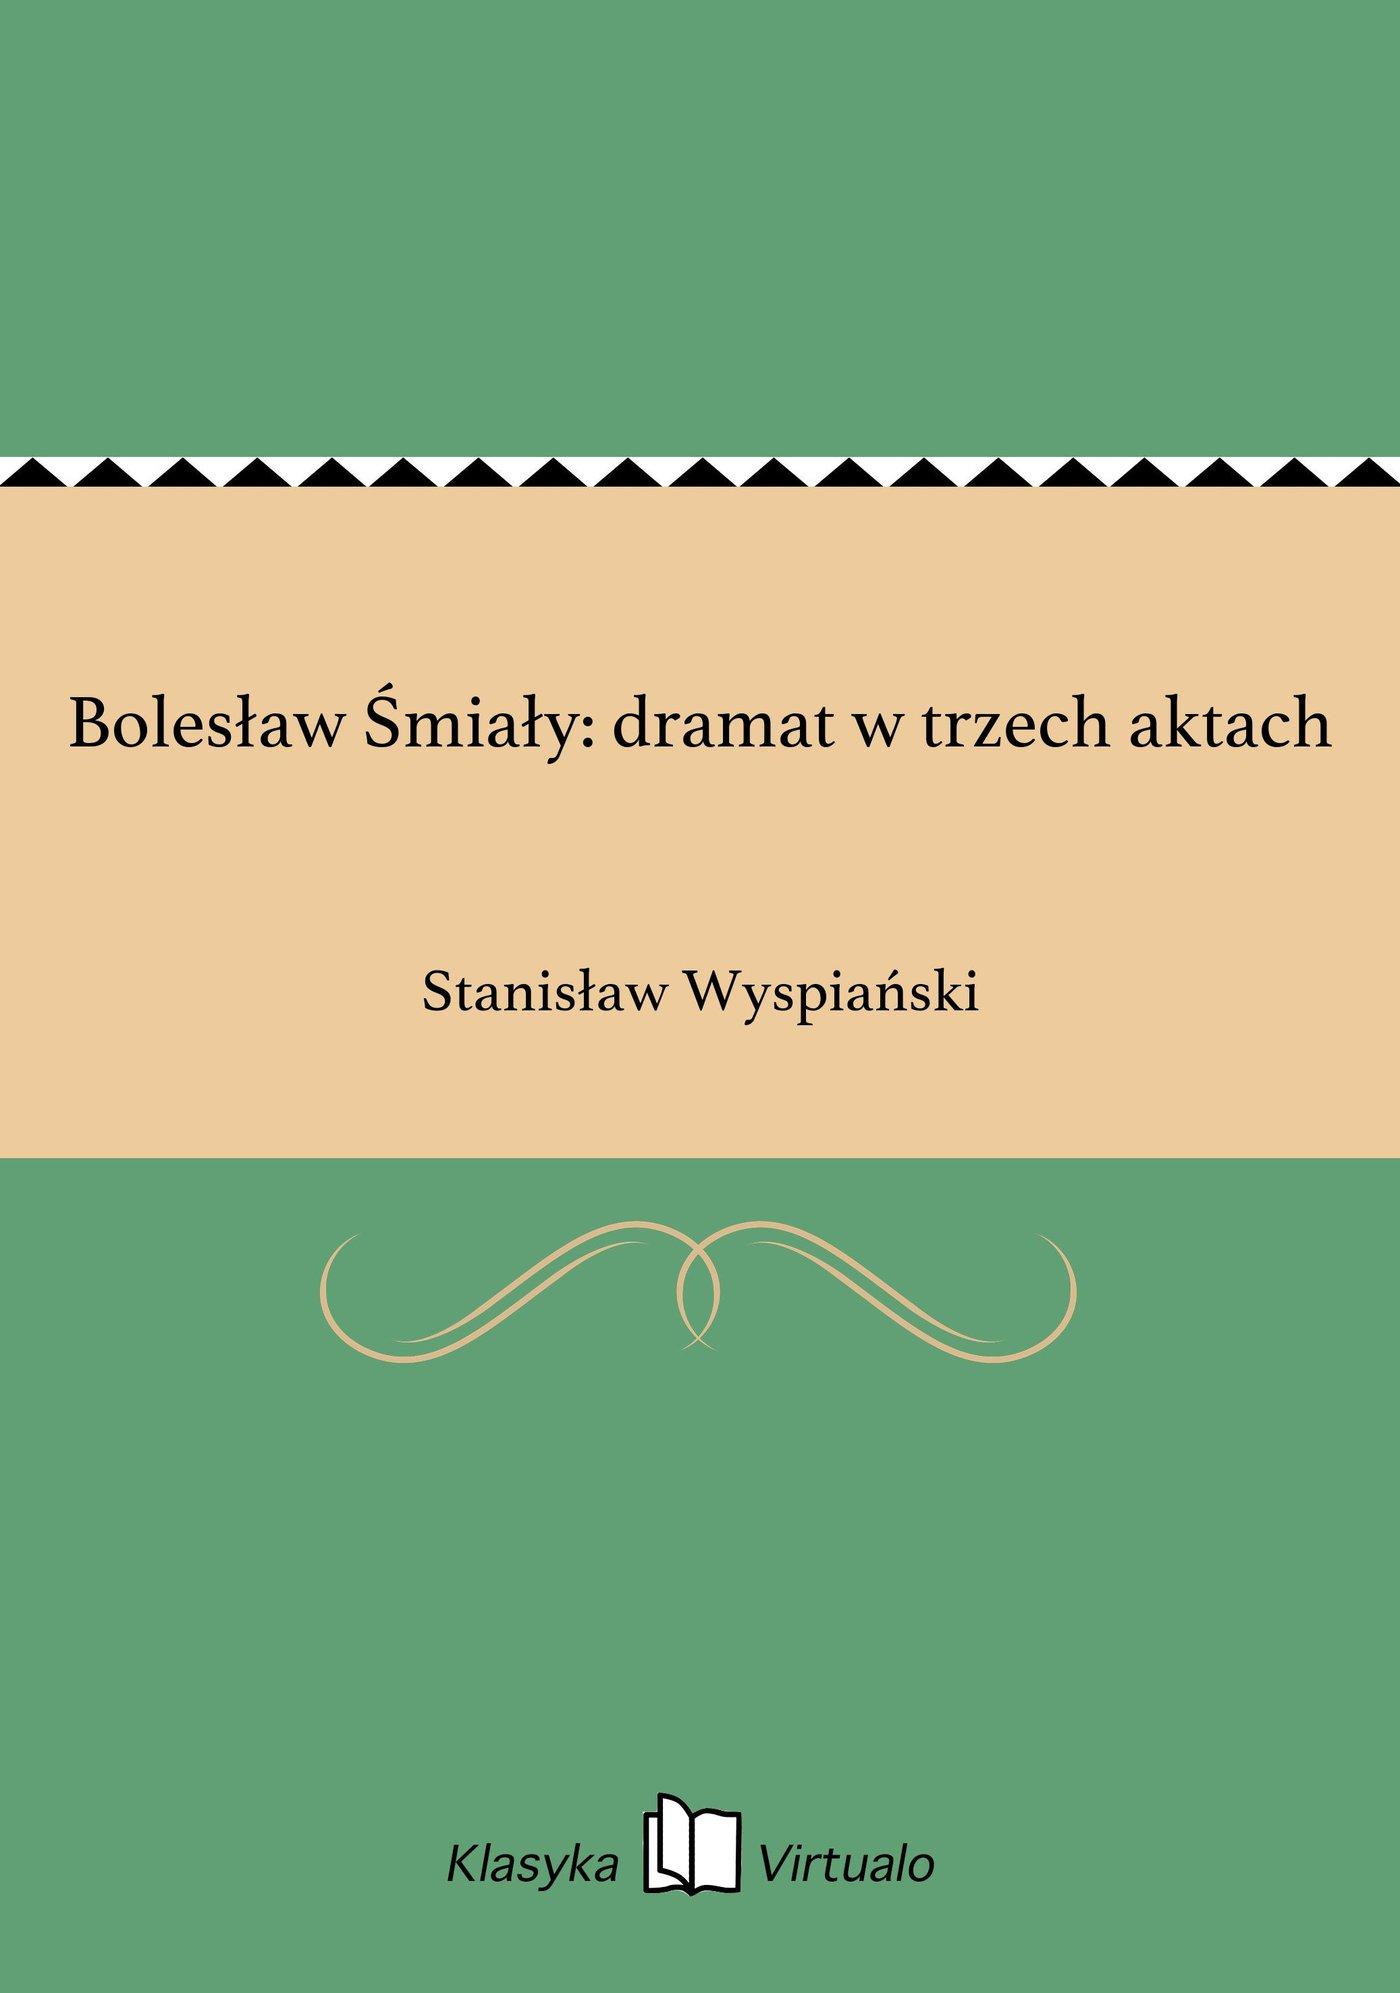 Bolesław Śmiały: dramat w trzech aktach - Ebook (Książka EPUB) do pobrania w formacie EPUB